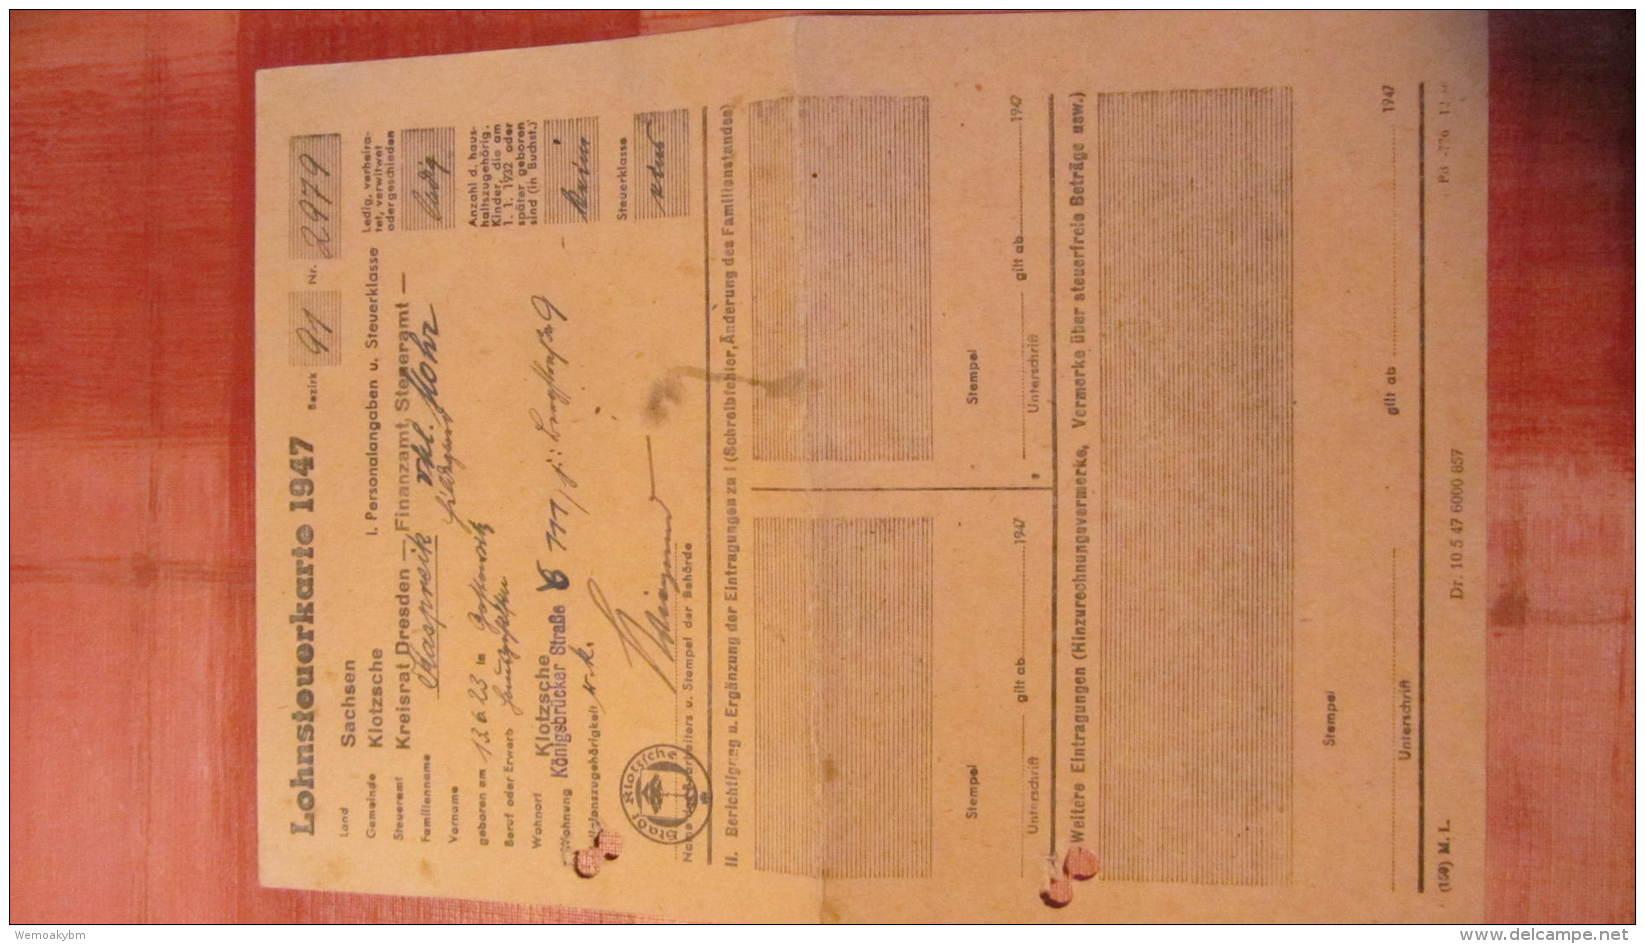 Lohnsteuerkarte 1947 Aus Dresden-Klotzsche Bezirk 91 Mit Aktenlochung - Historische Dokumente